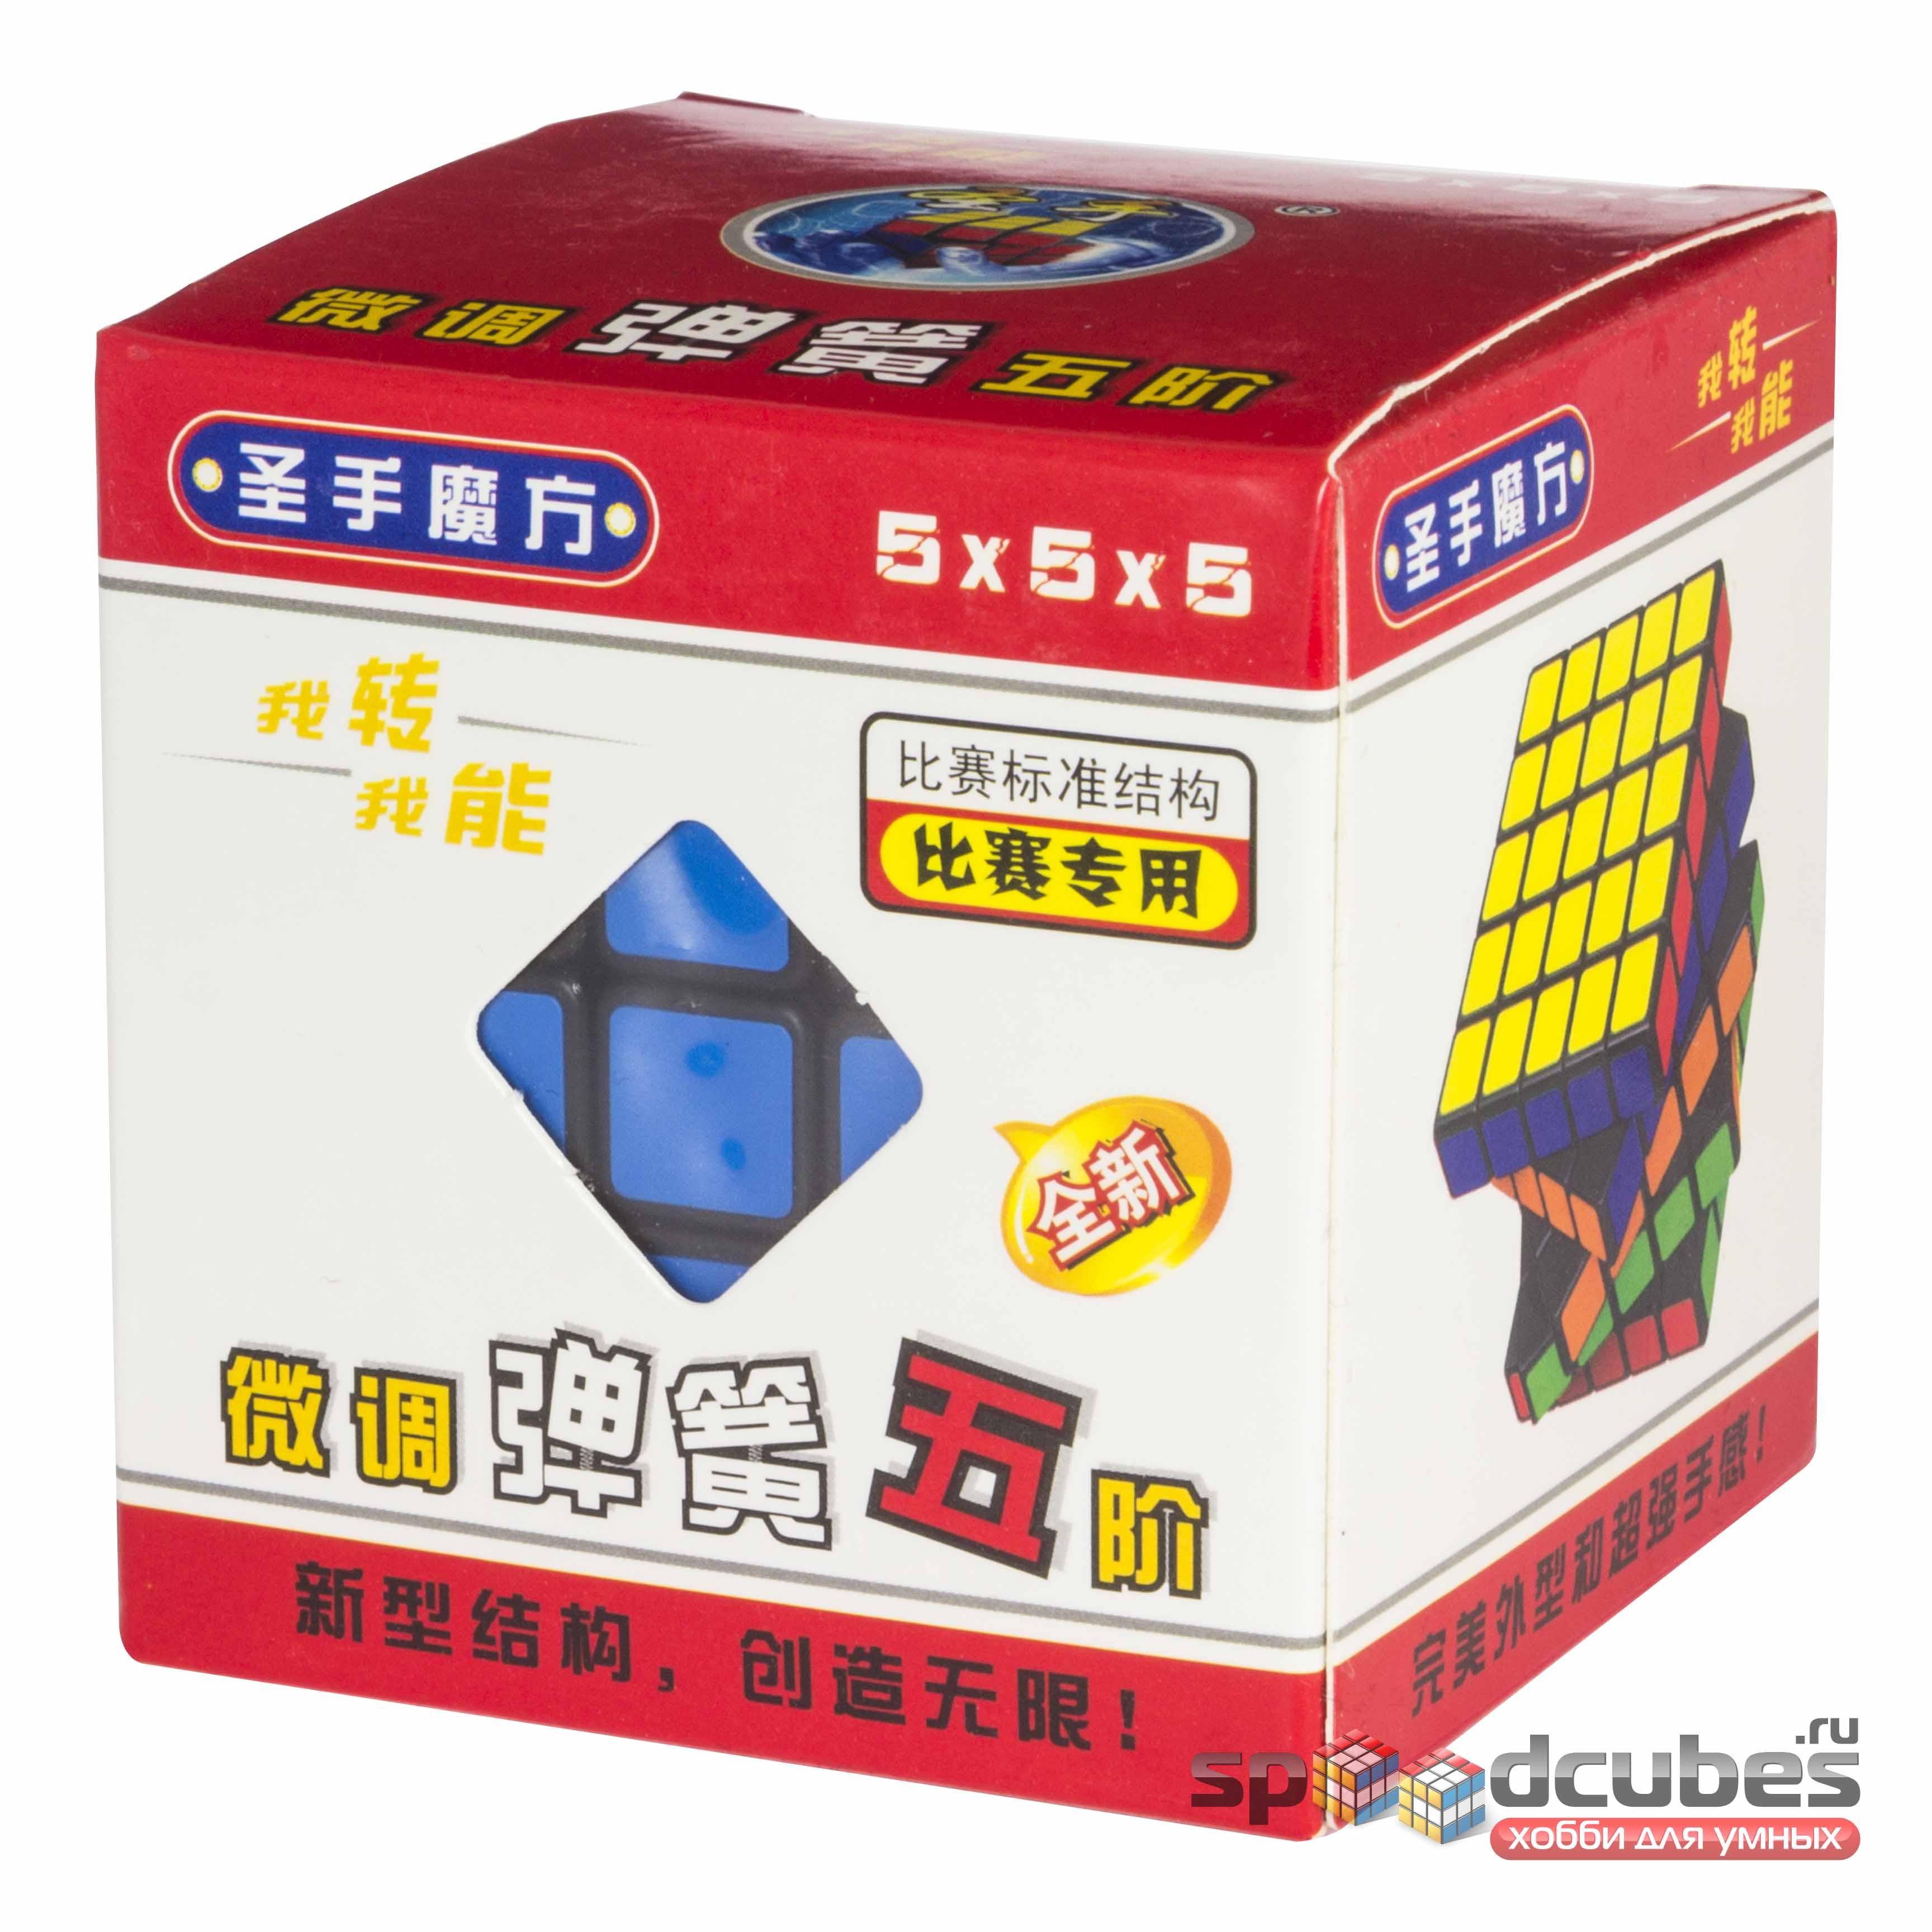 ShengShou 5x5x5 1